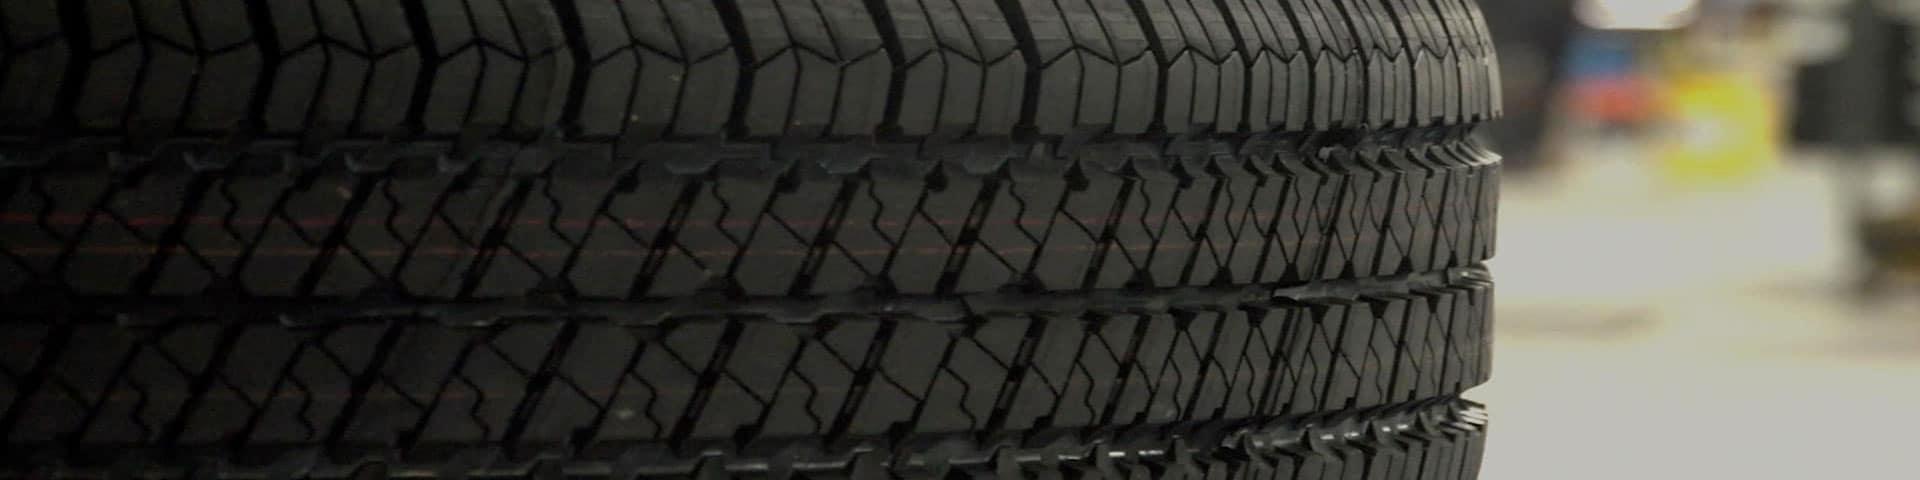 Mazda Tire Rotation in Oklahoma City